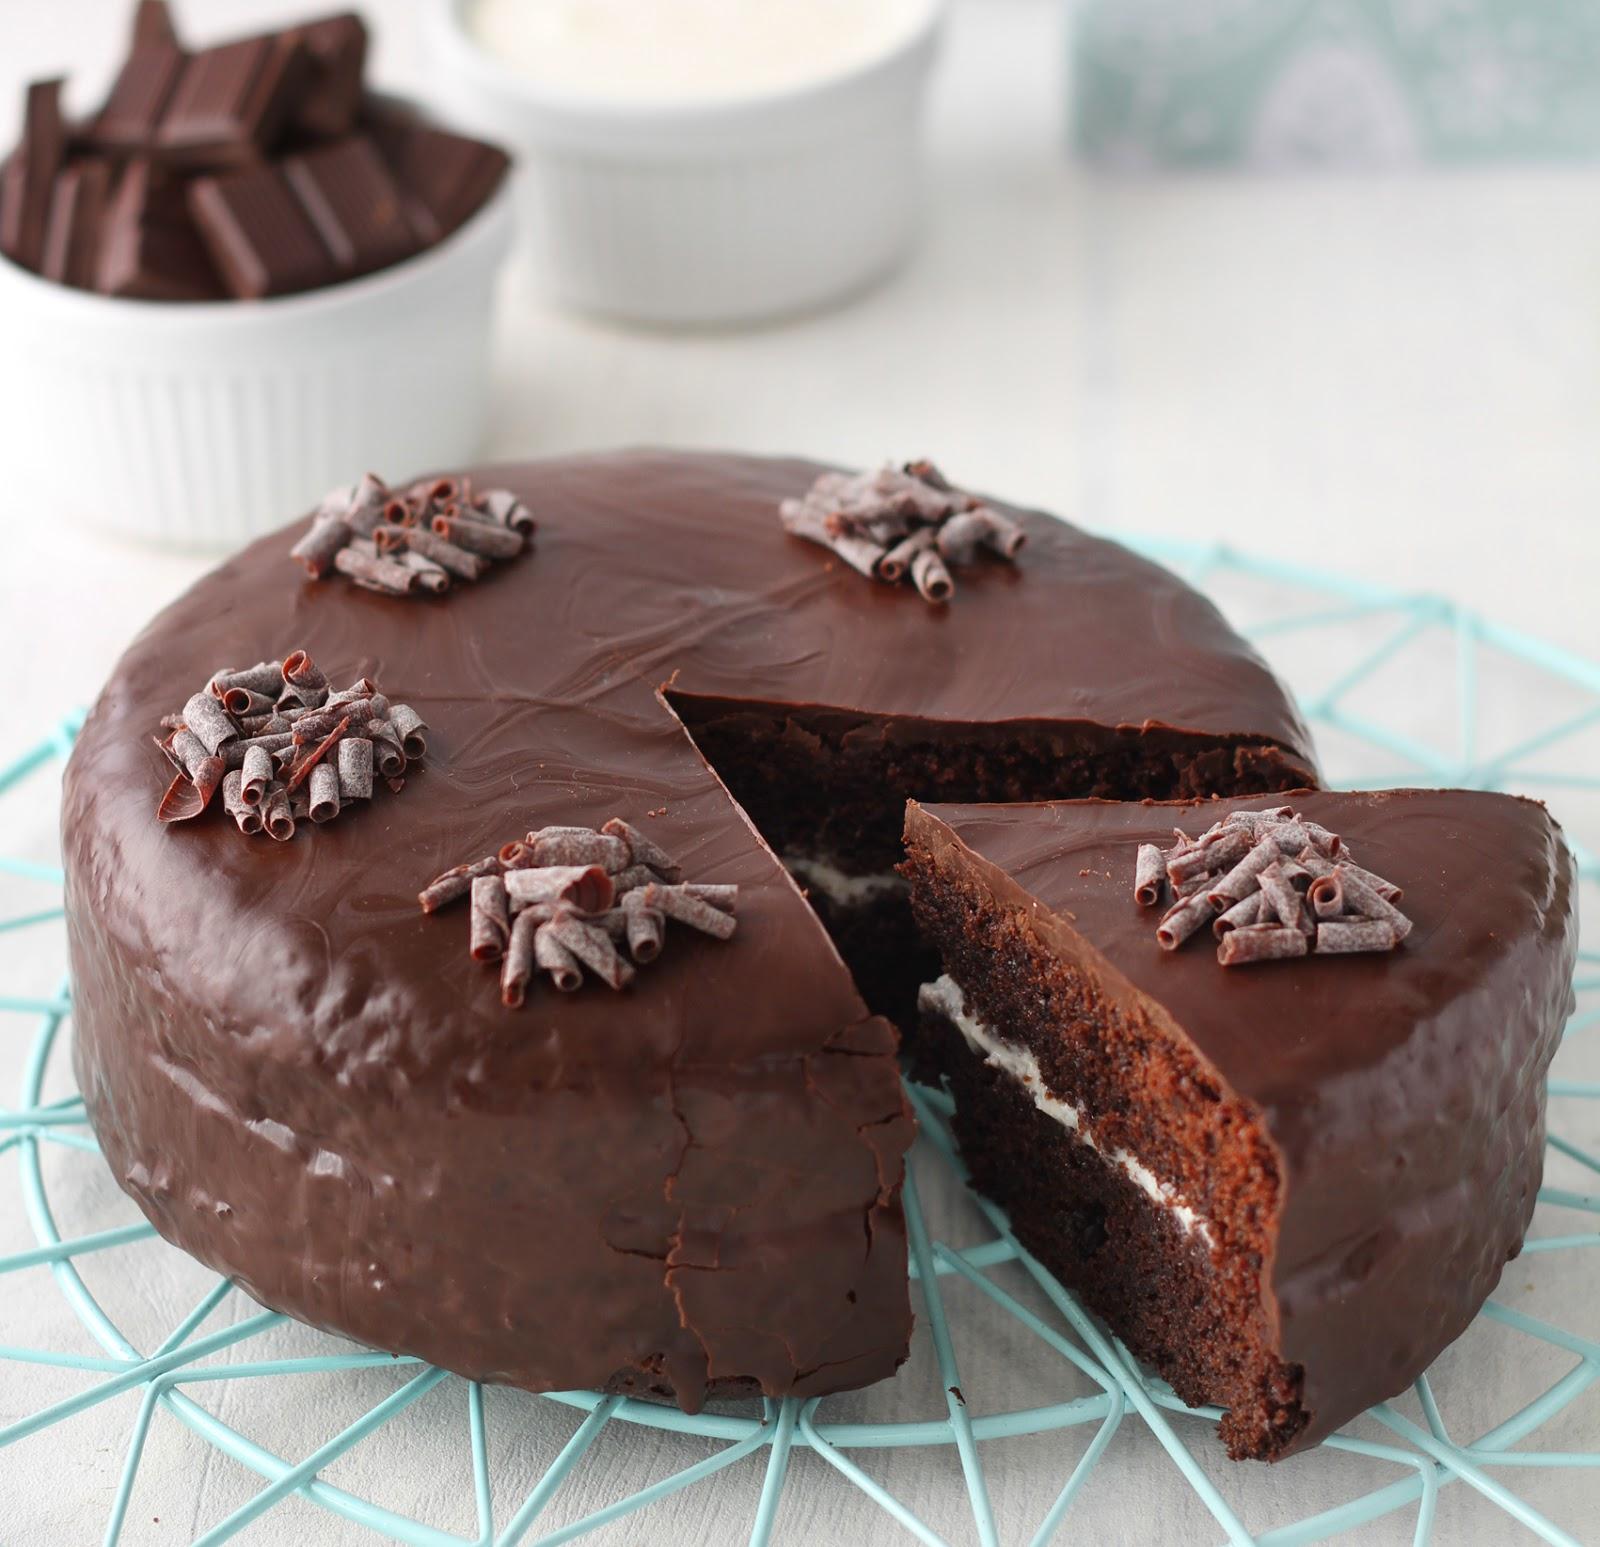 Ricetta Pan Di Spagna Al Cioccolato Al Latte.Torta Delice Al Cioccolato Con Crema Al Latte La Tana Del Coniglio